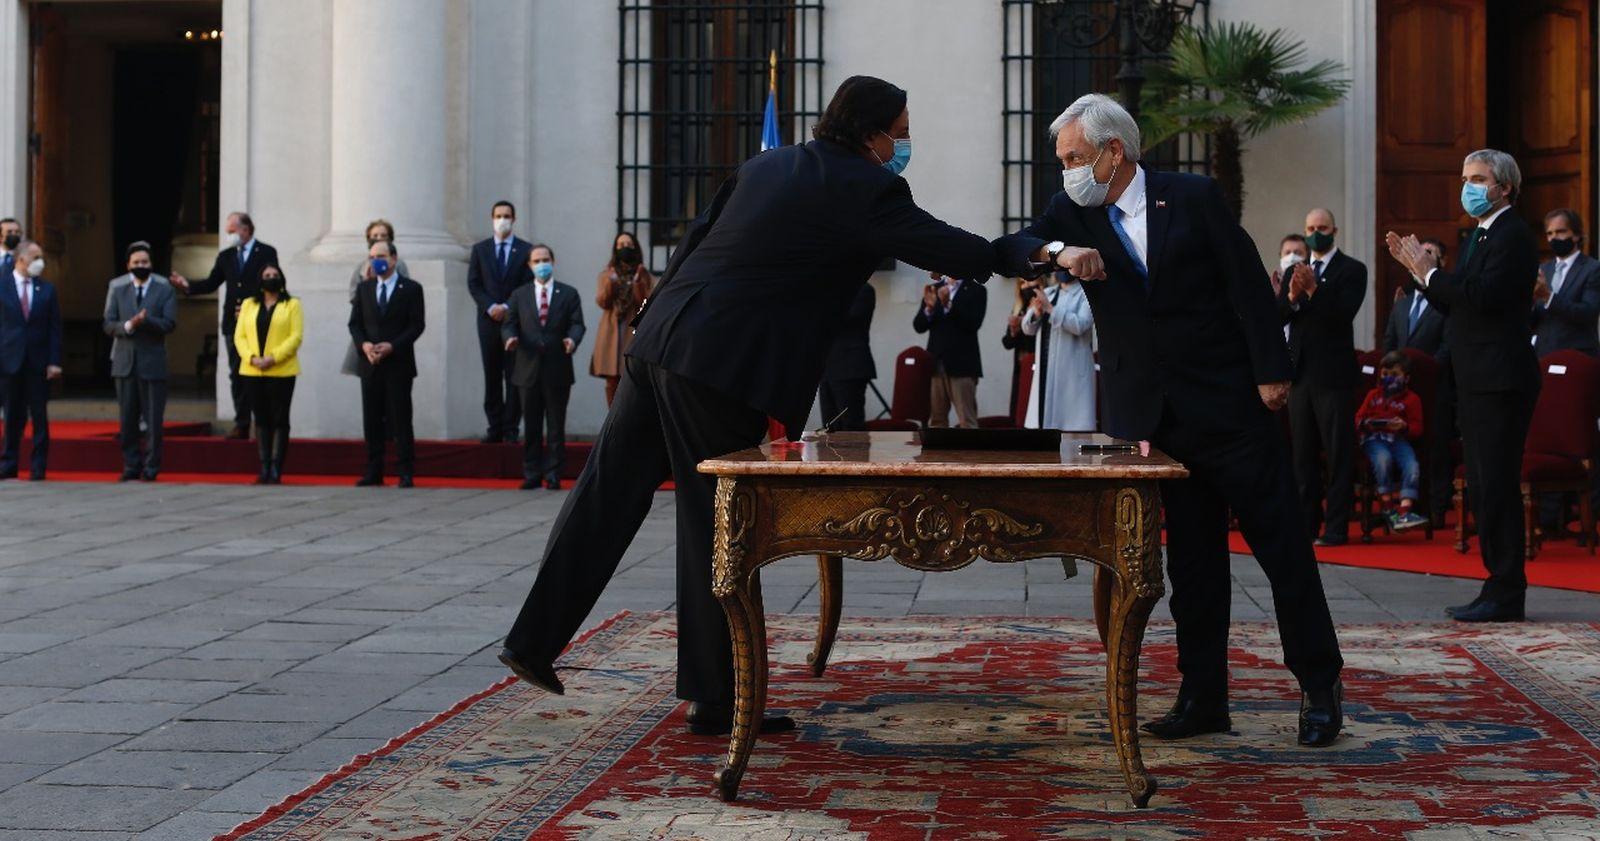 Piñera concreta profundo cambio de gabinete: sale Blumel y llega Allamand